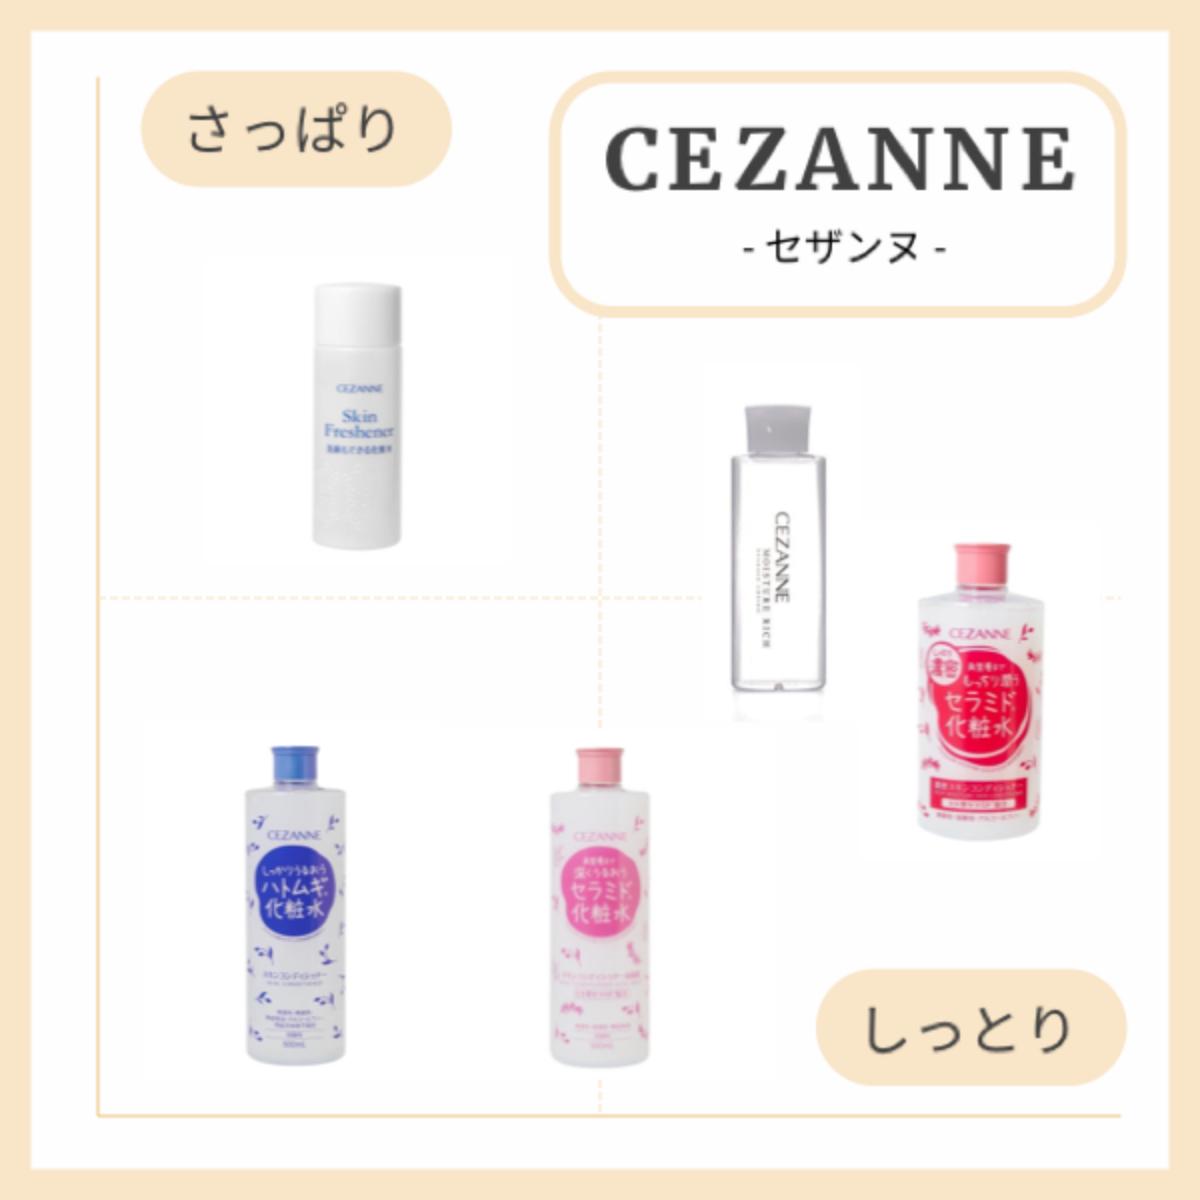 セザンヌは化粧水も優秀! 全5種類を徹底比較【口コミも】の画像